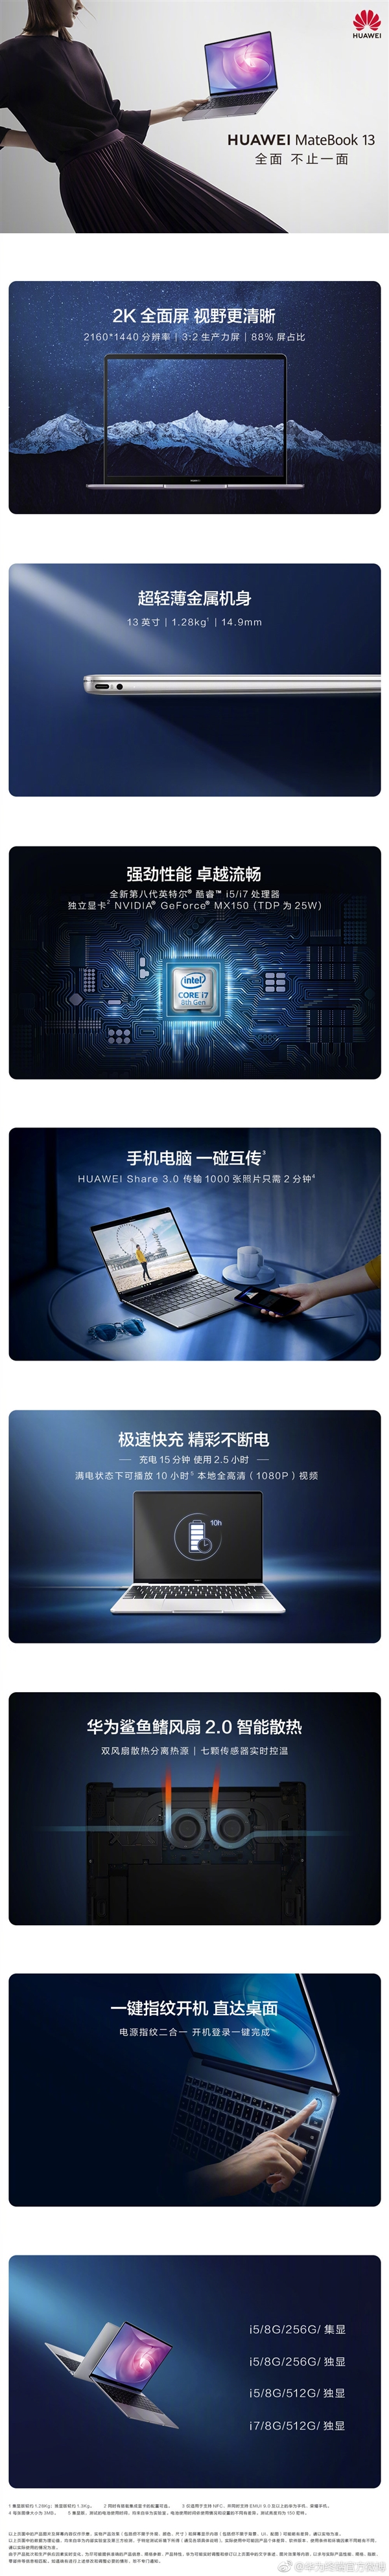 华为发布MateBook 13全面屏轻薄本 顶配6399元的照片 - 6